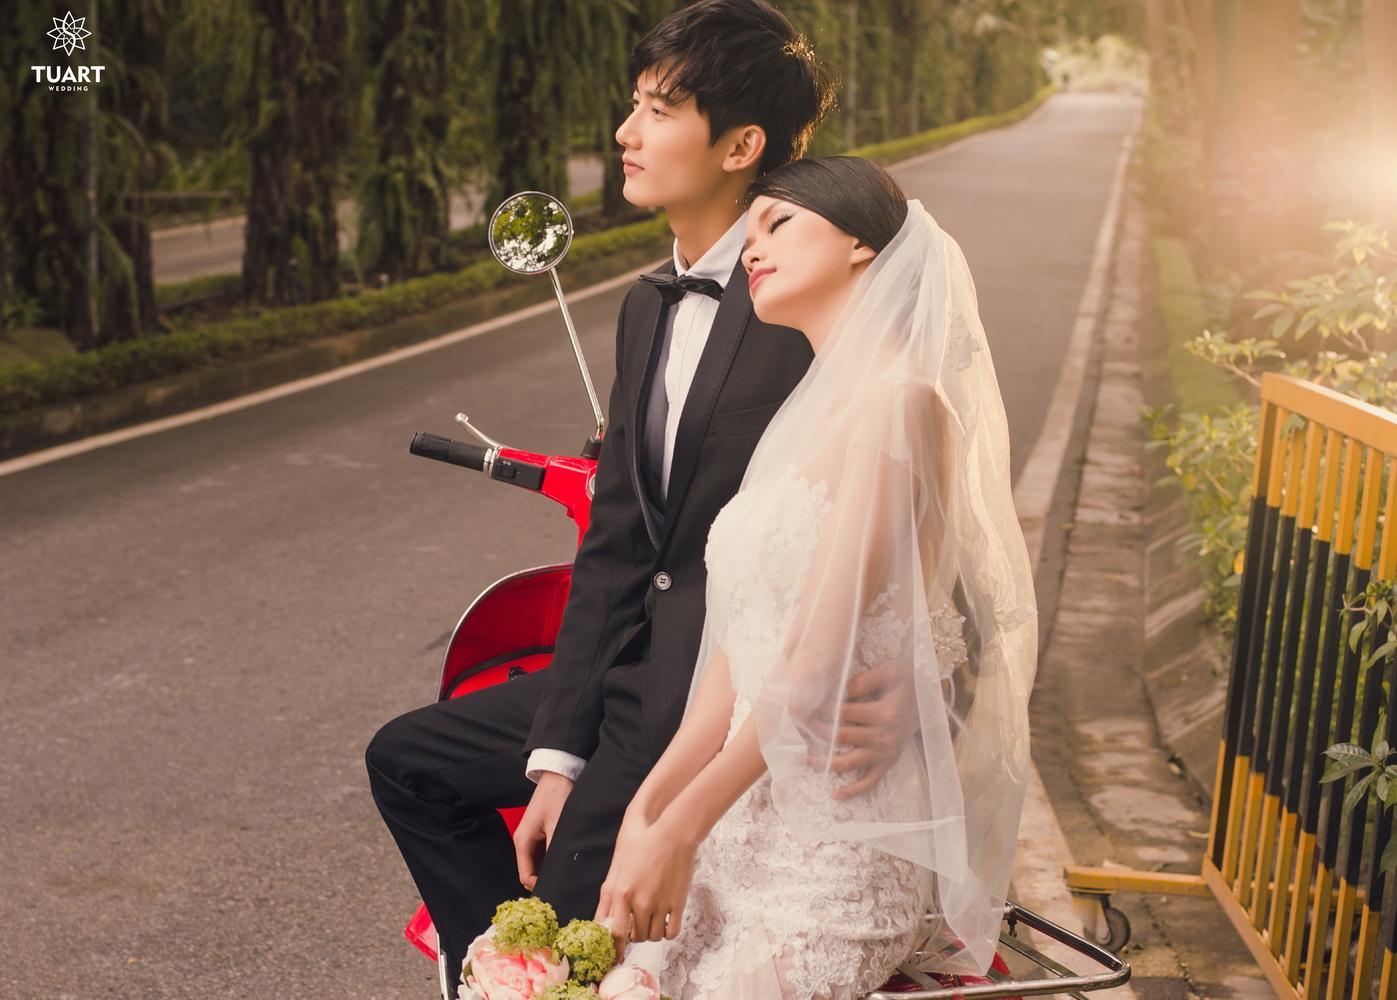 Album chụp ảnh cưới đẹp thành phố xanh Ecopark 6